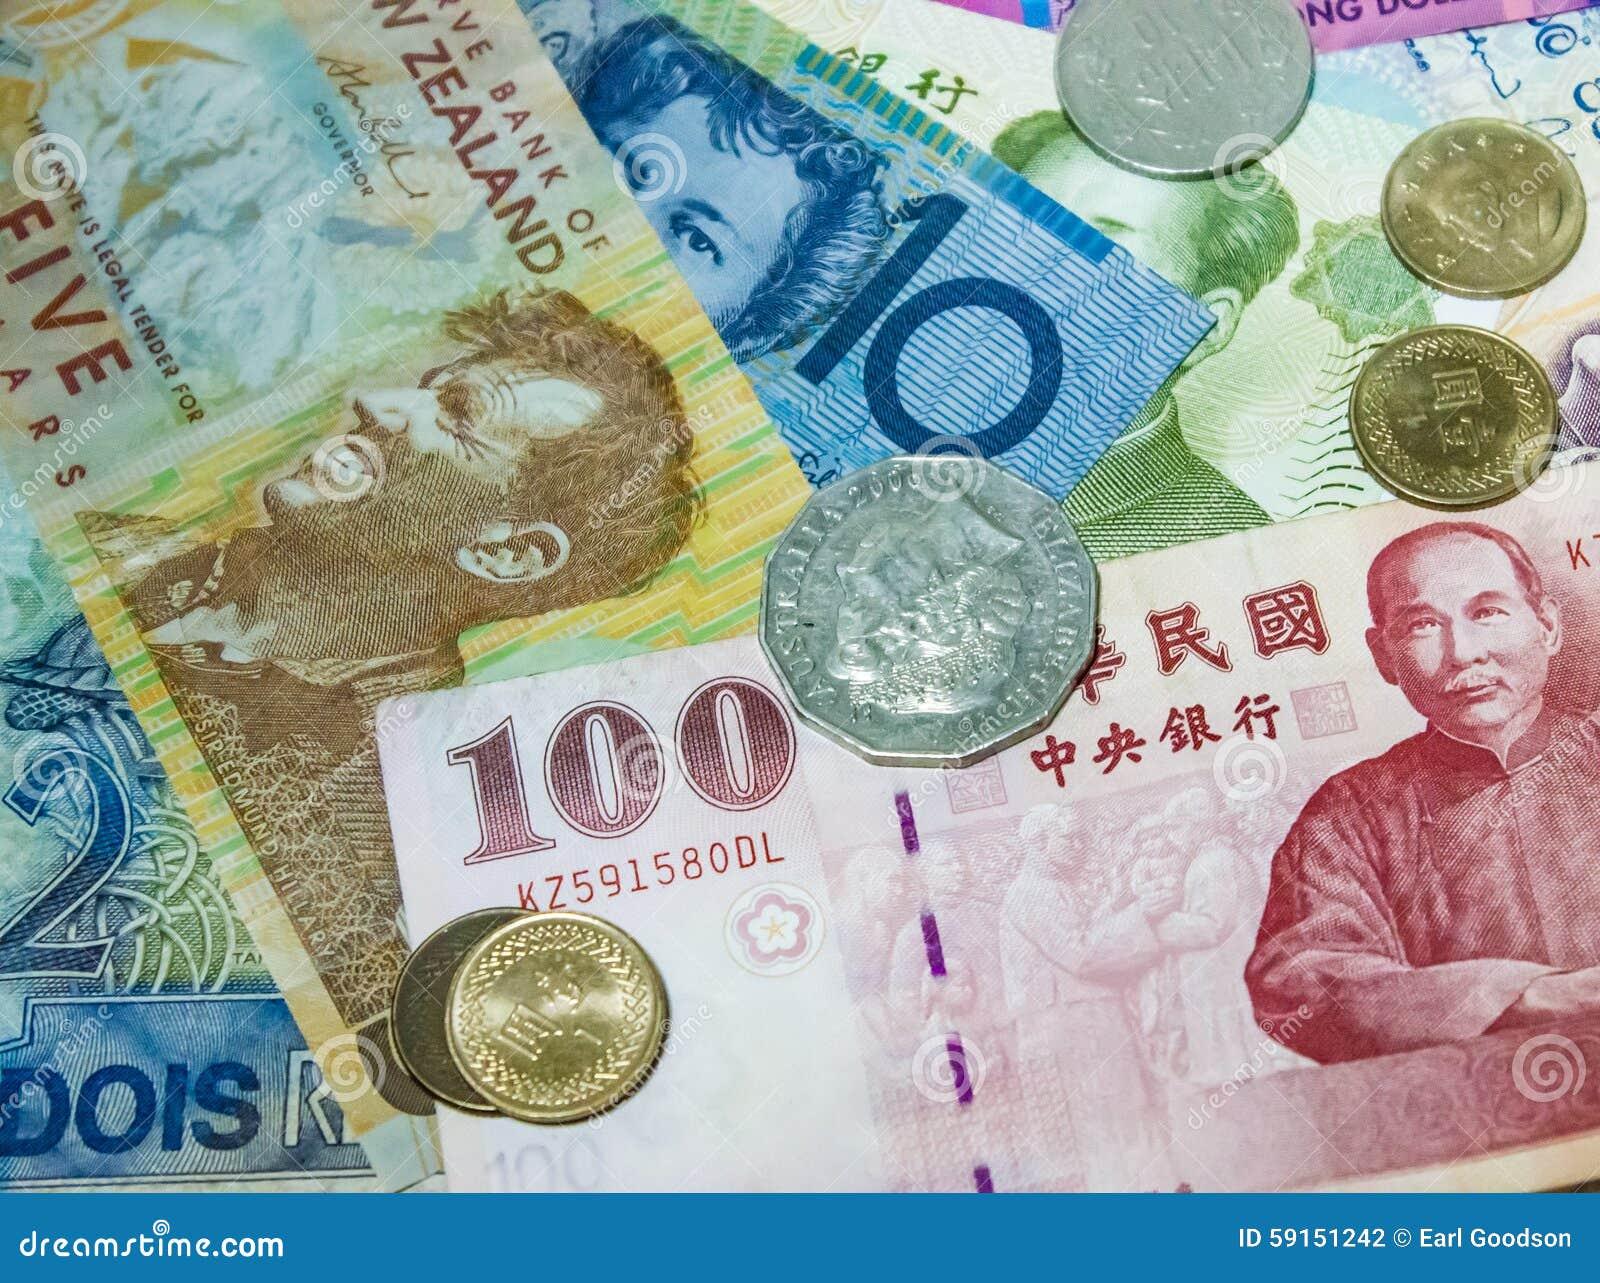 Опубликован рейтинг самых красивых банкнот мира.